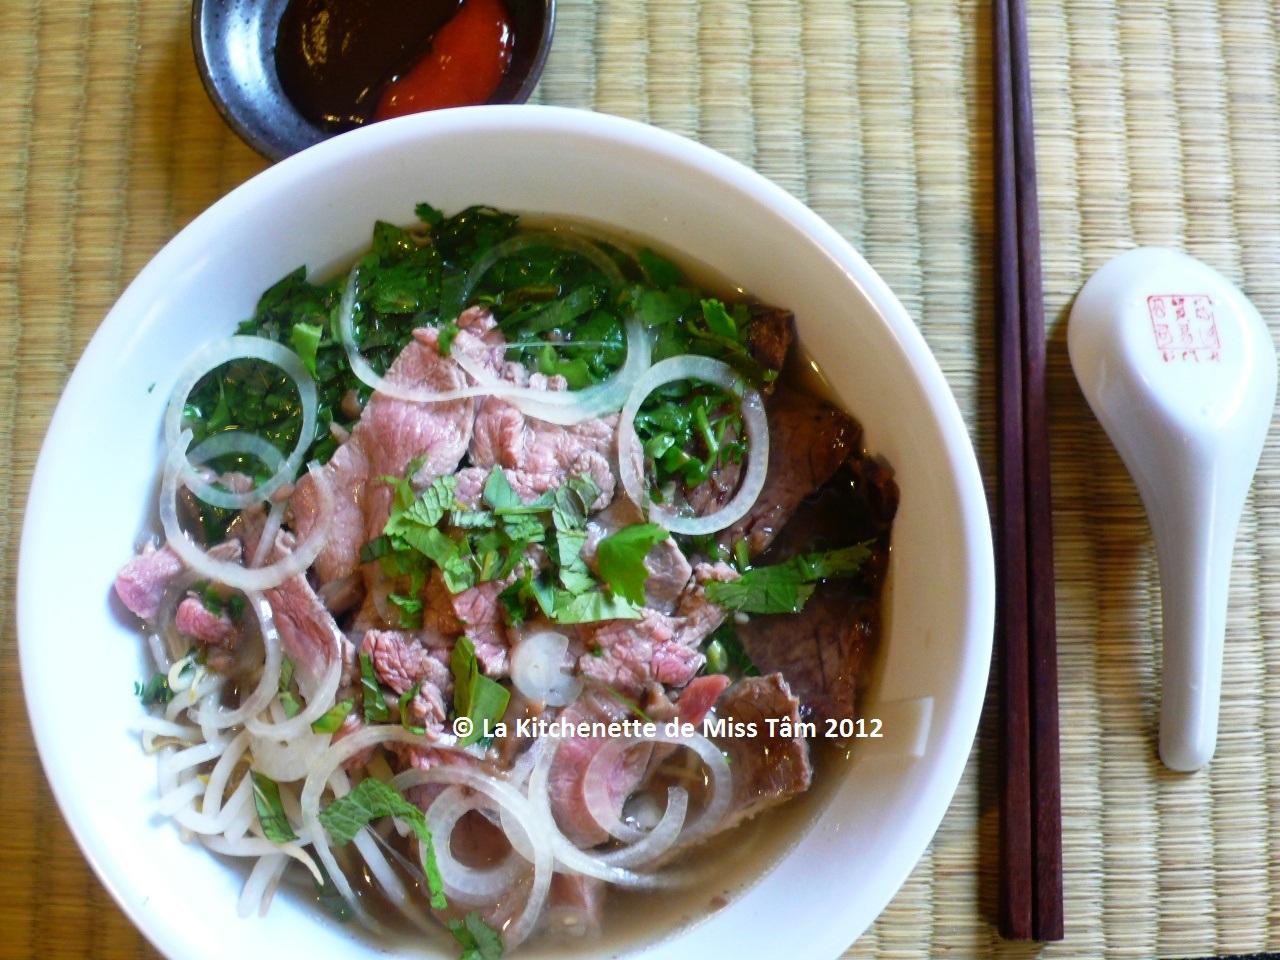 Vietnam ph b soupe pho au boeuf recette et origines la kitchenette de miss t mla - Blog recette de cuisine asiatique ...